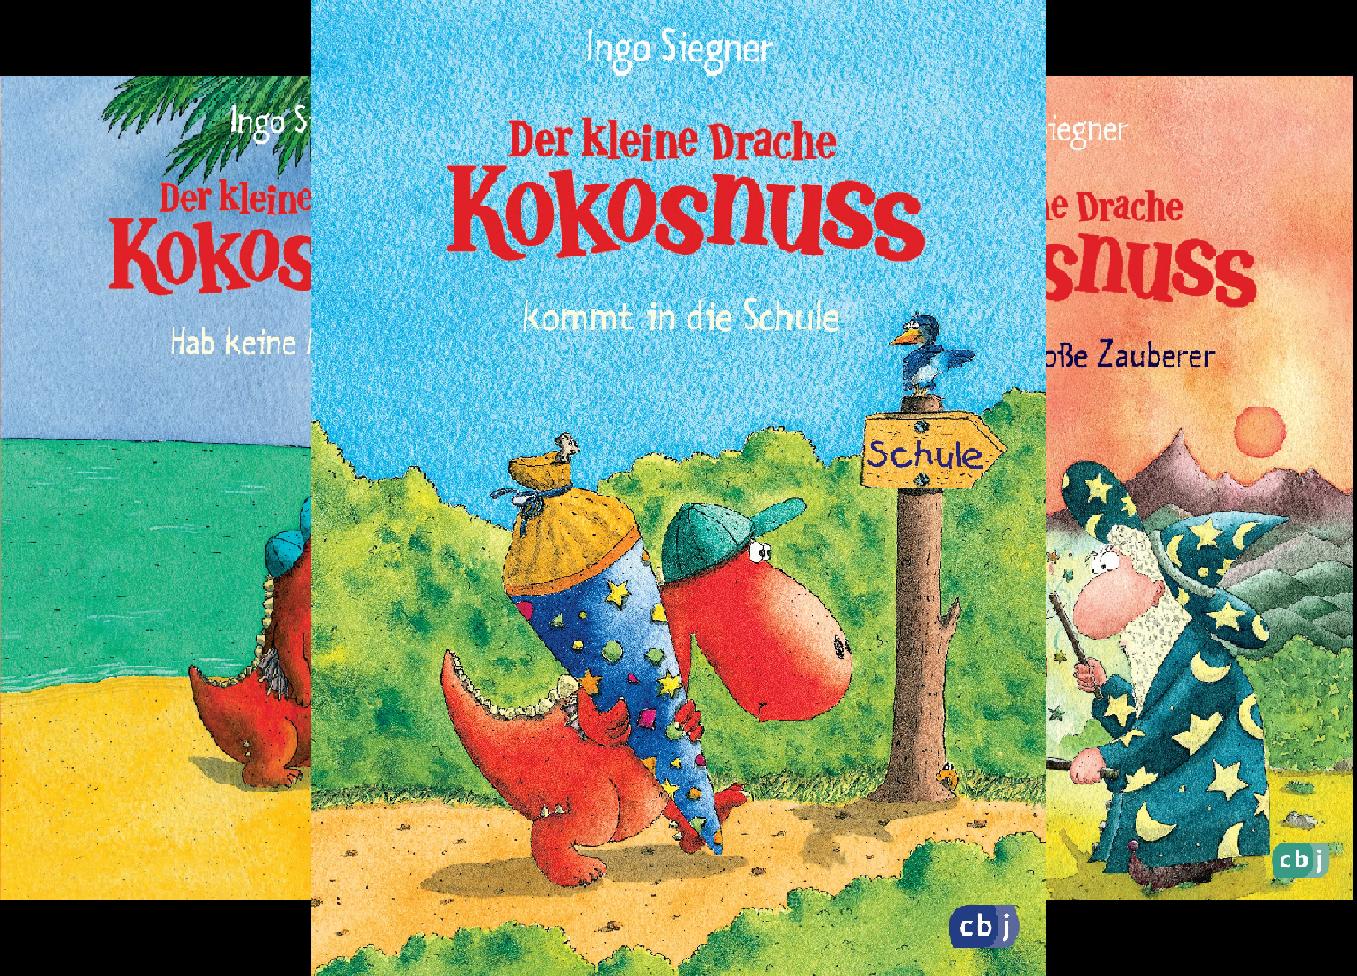 Die Abenteuer des Kleinen Drachen Kokosnuss (Reihe in 27 Bänden)